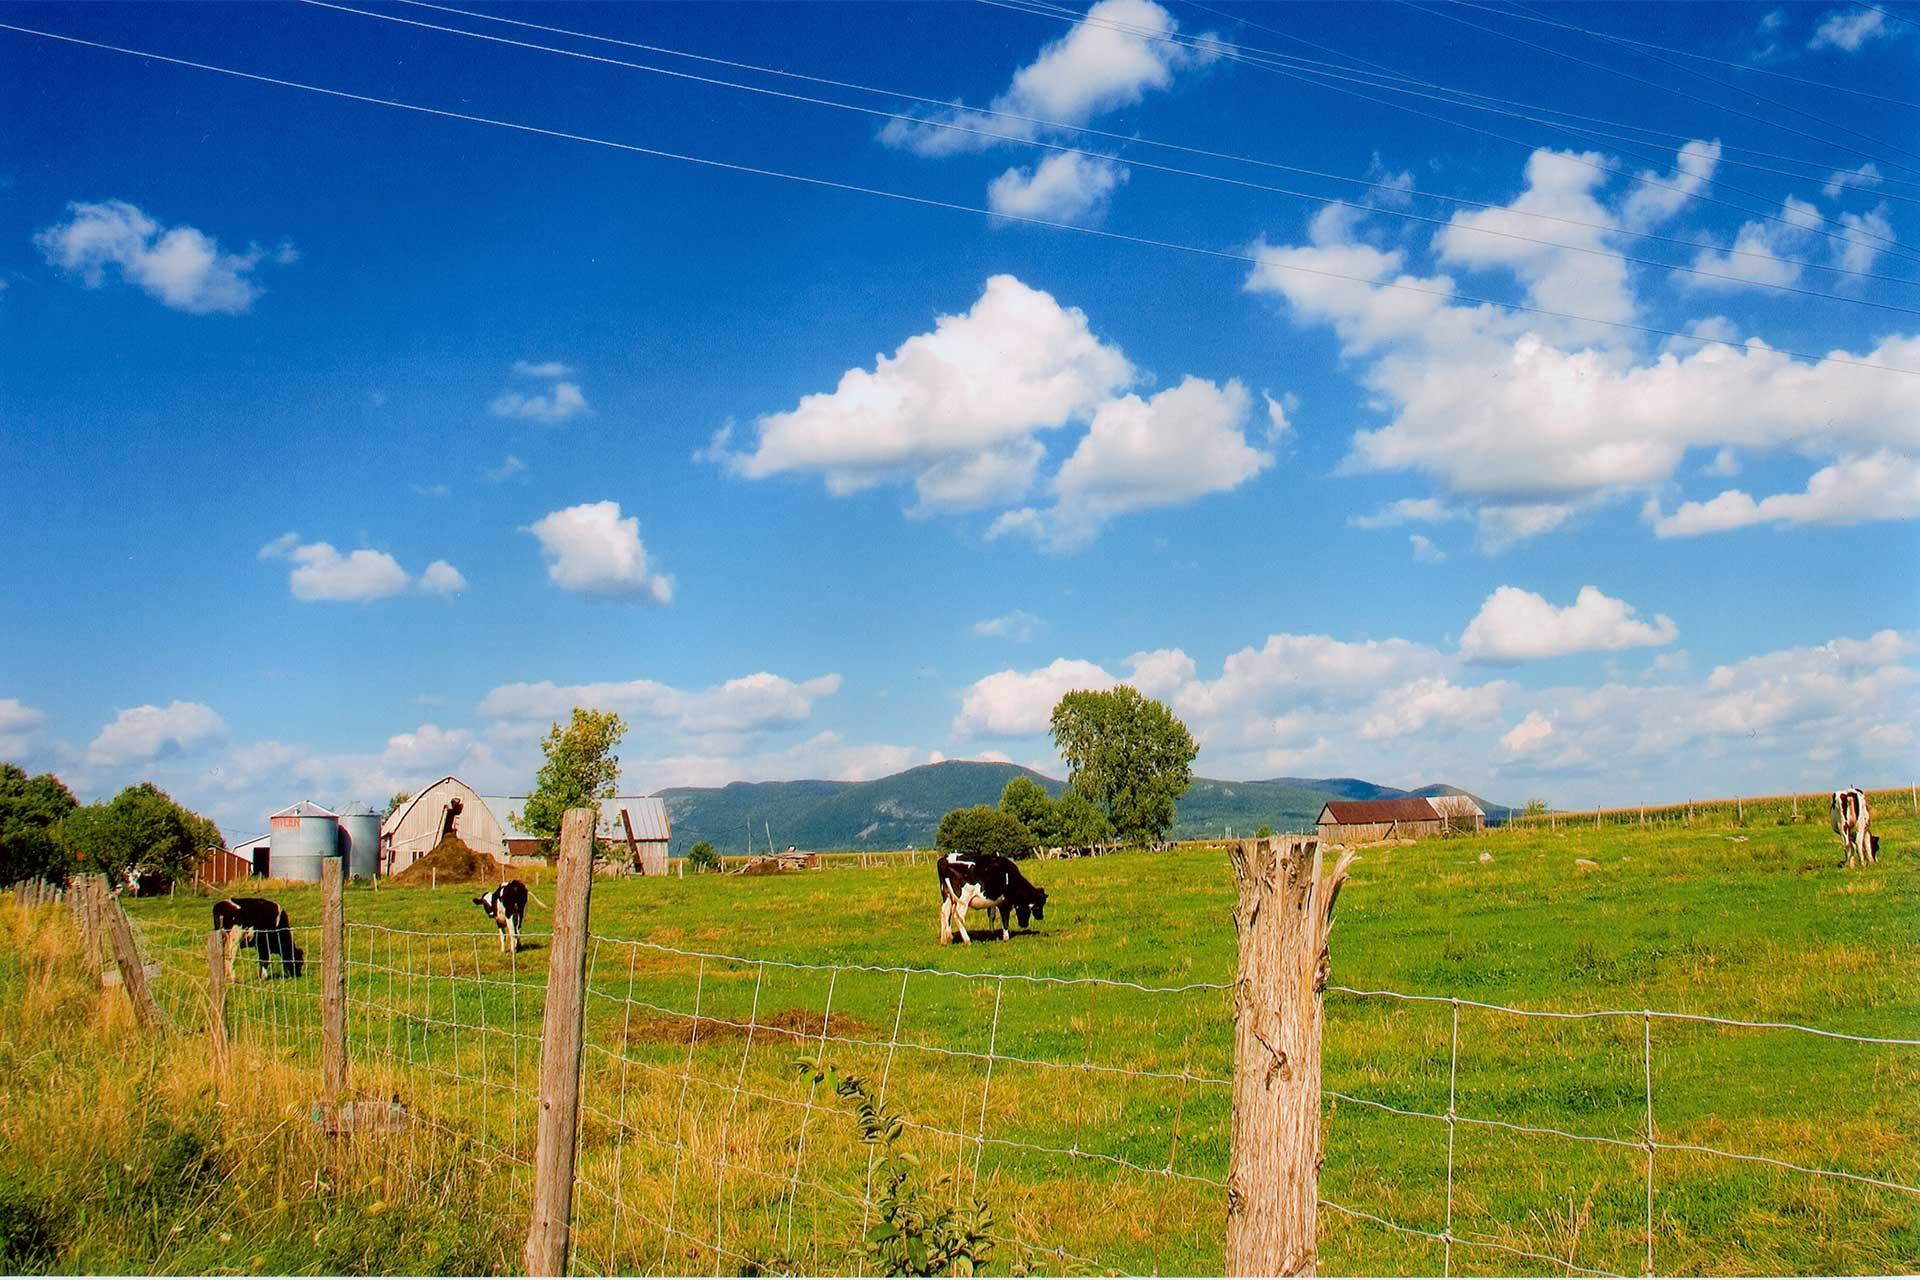 Quatre vaches laitières sont en train de paître dans une pâture, des bâtiments de ferme sont en arrière, le mont Saint-Hilaire est en arrière-plan